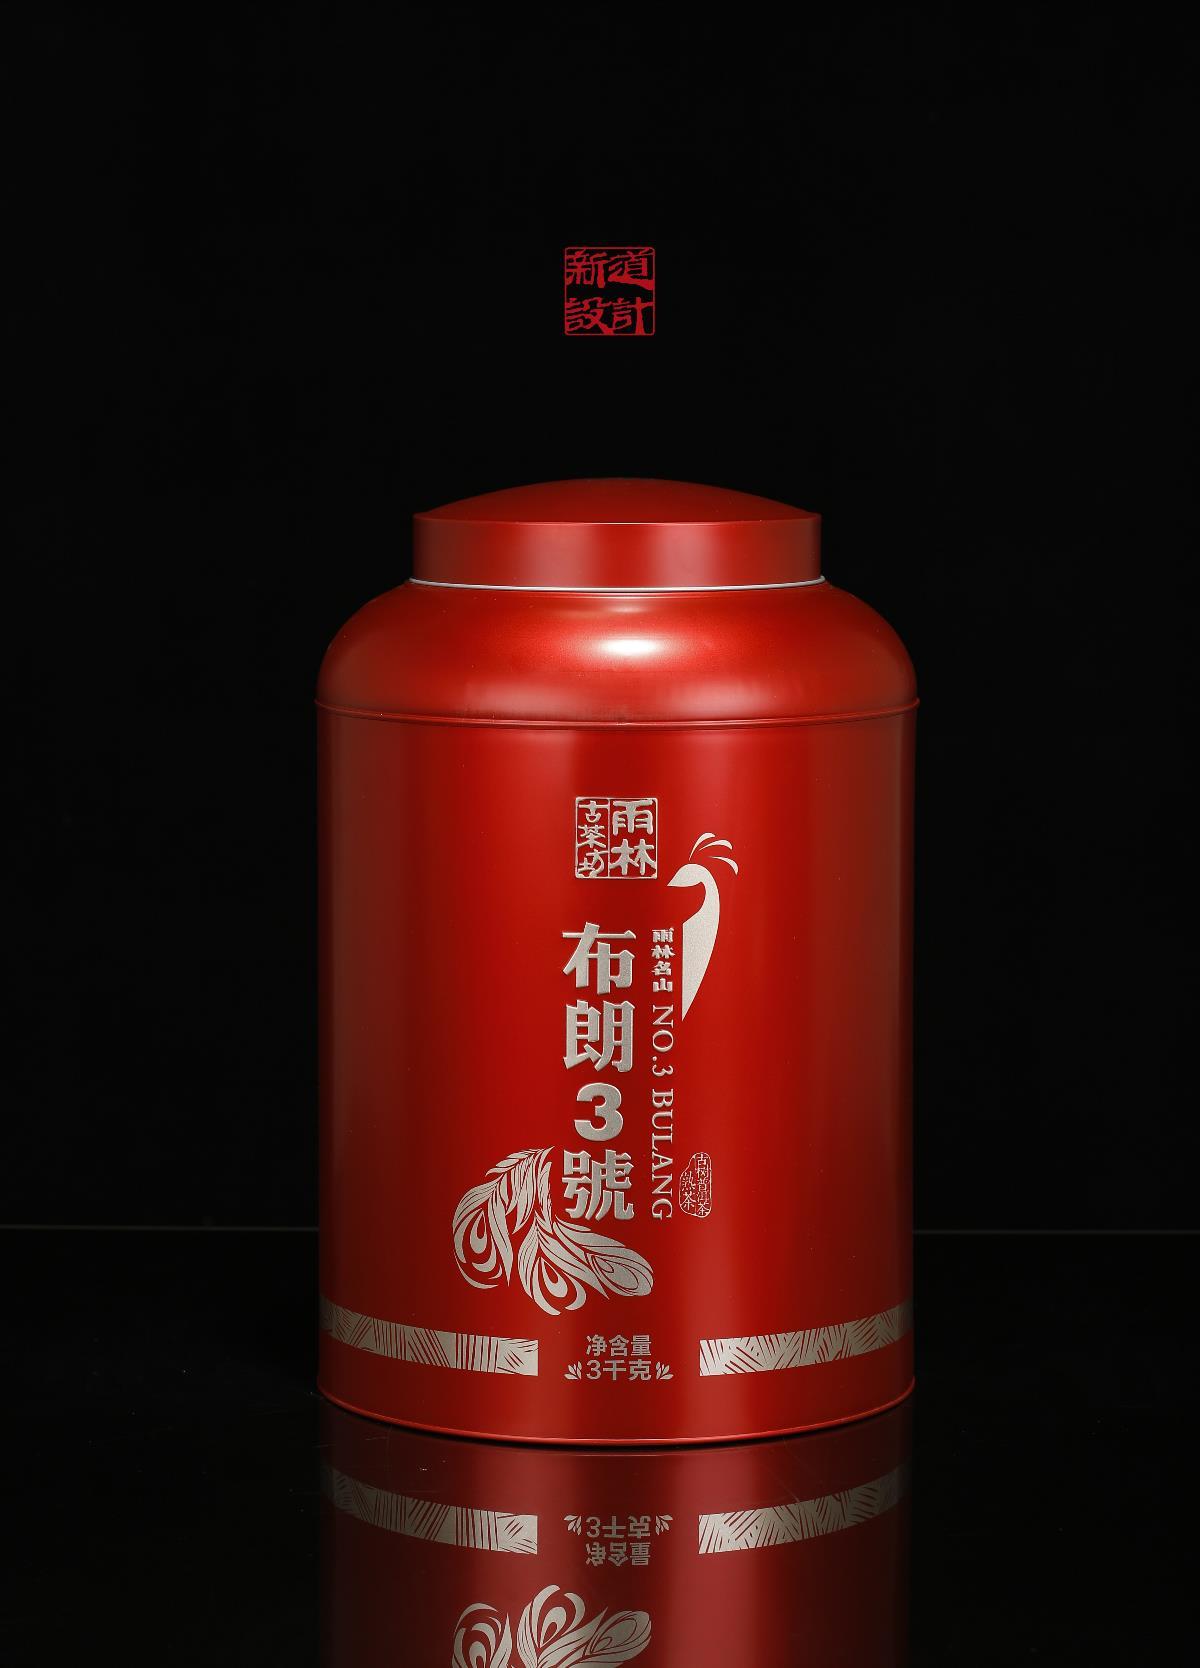 新道设计作品 布朗1号 布朗3号 铁罐